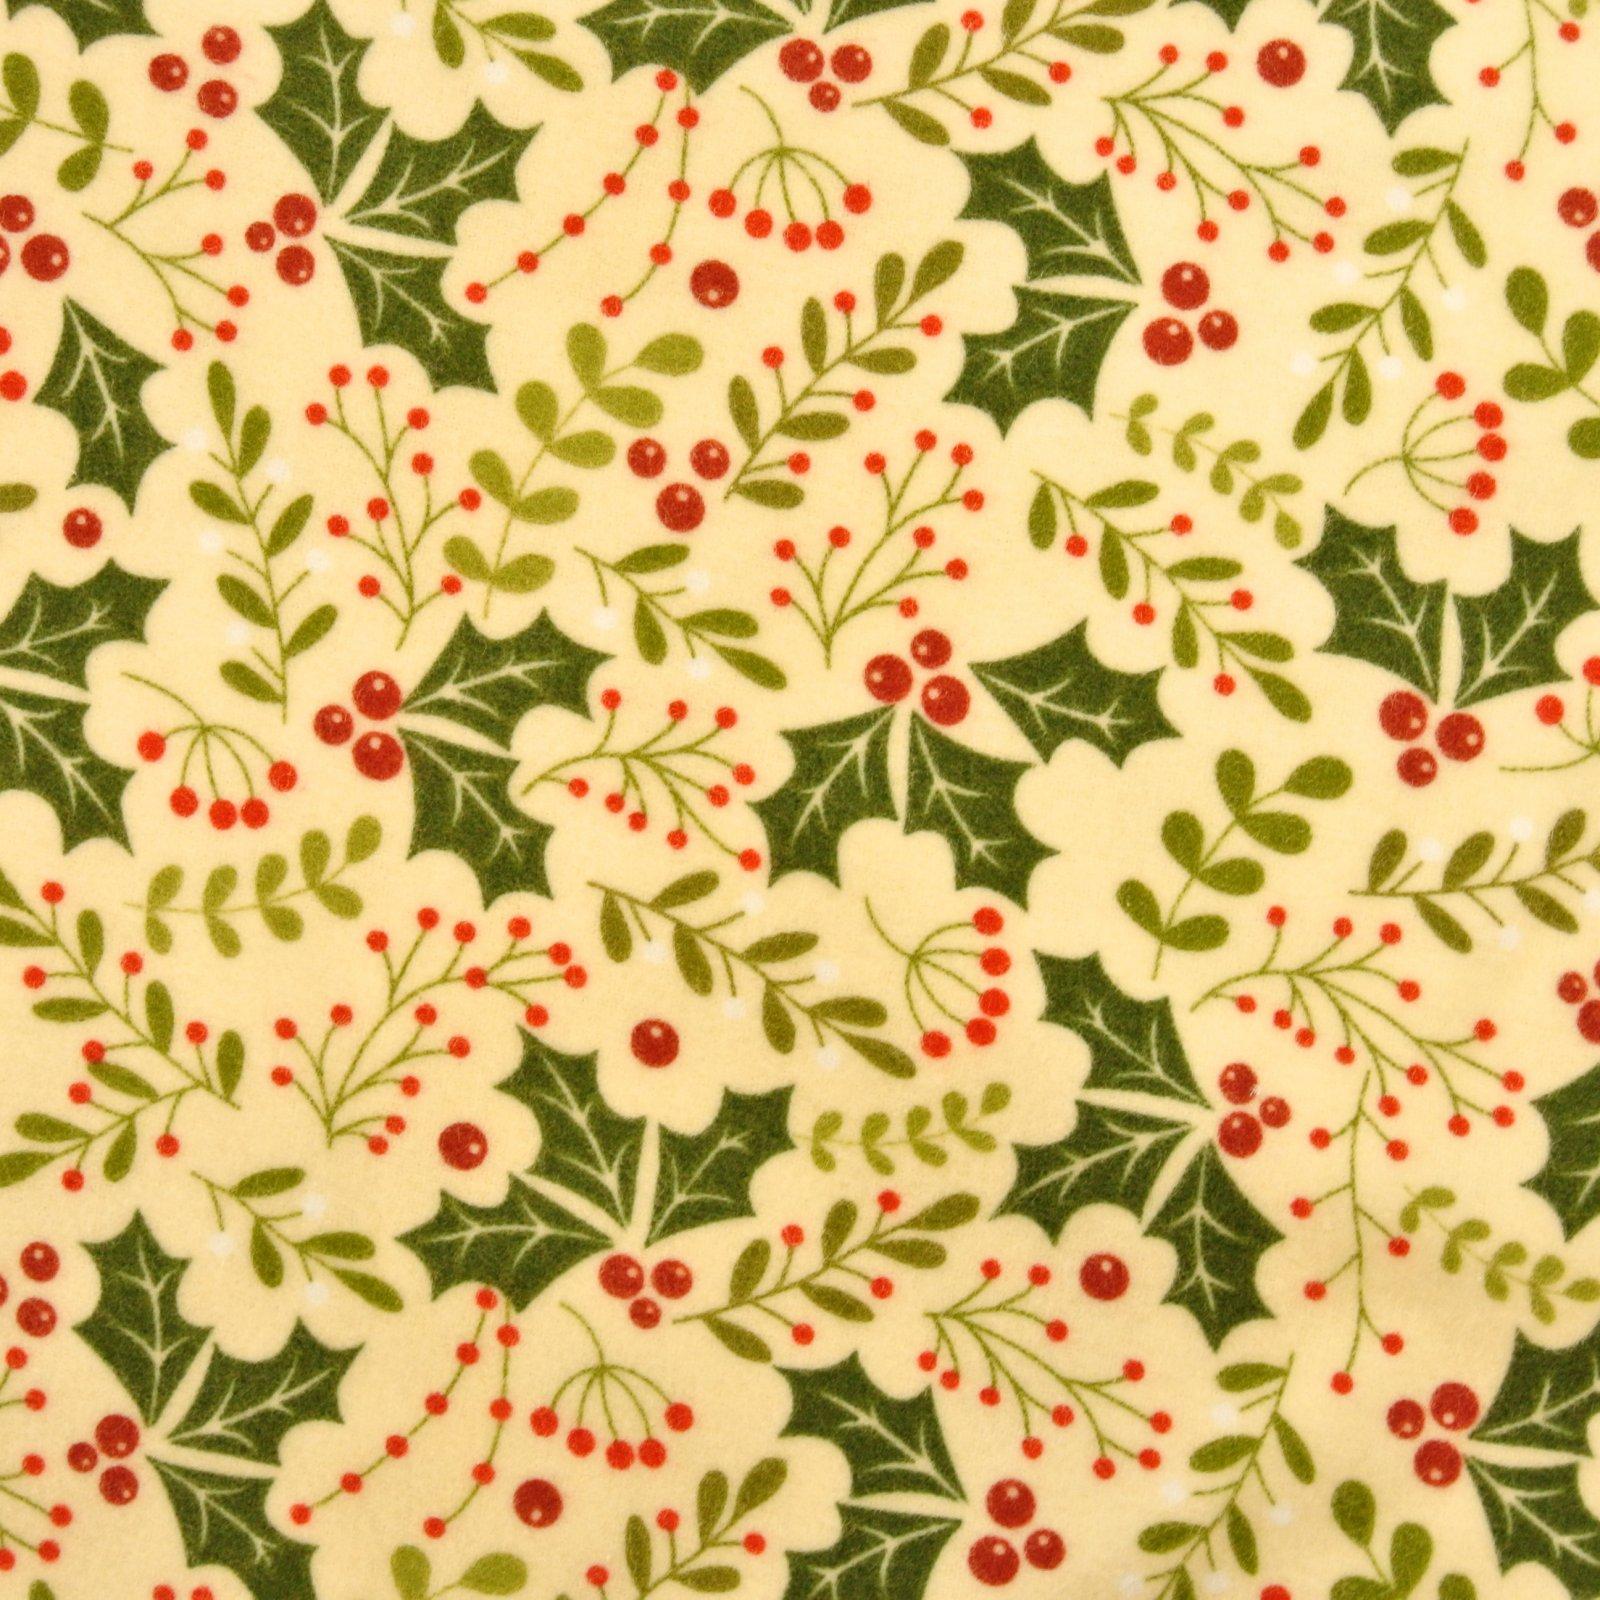 Holly Daze natural flannel